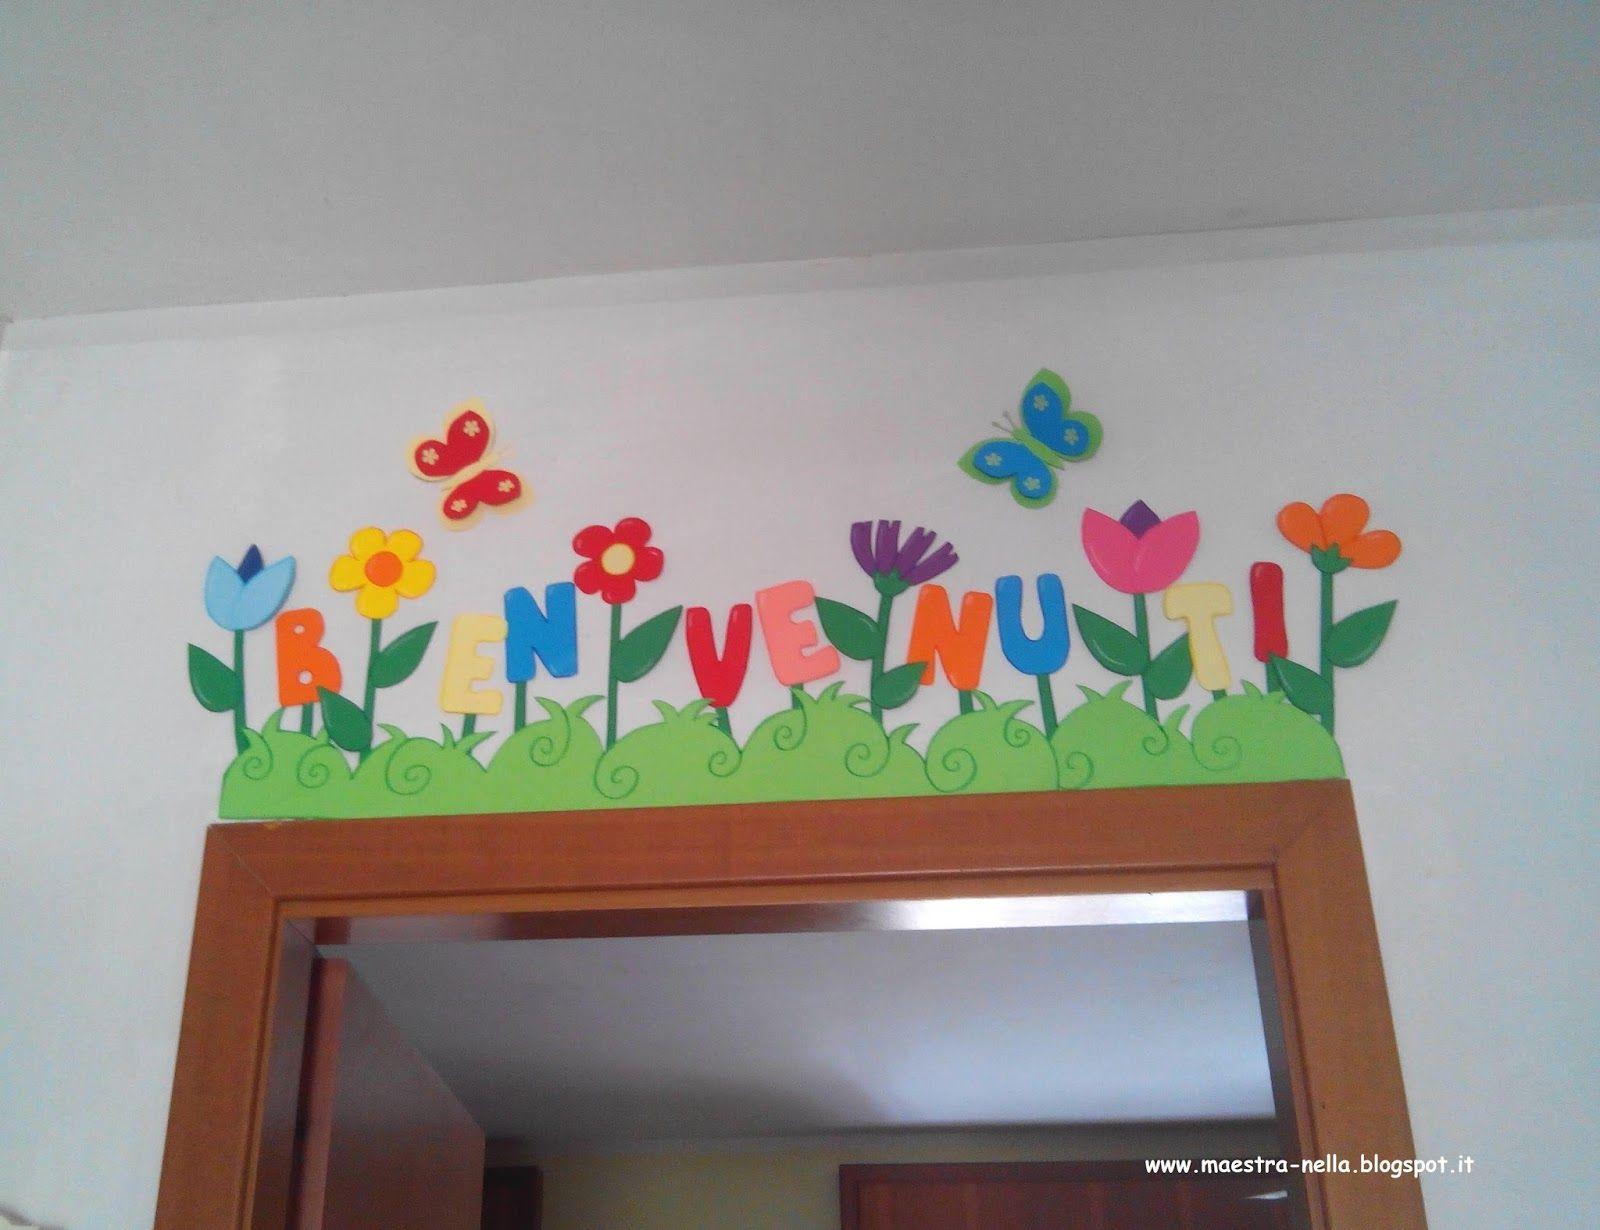 Cartelloni bambini ~ Maestra nella: scritta benvenuti decoracio porta pinterest